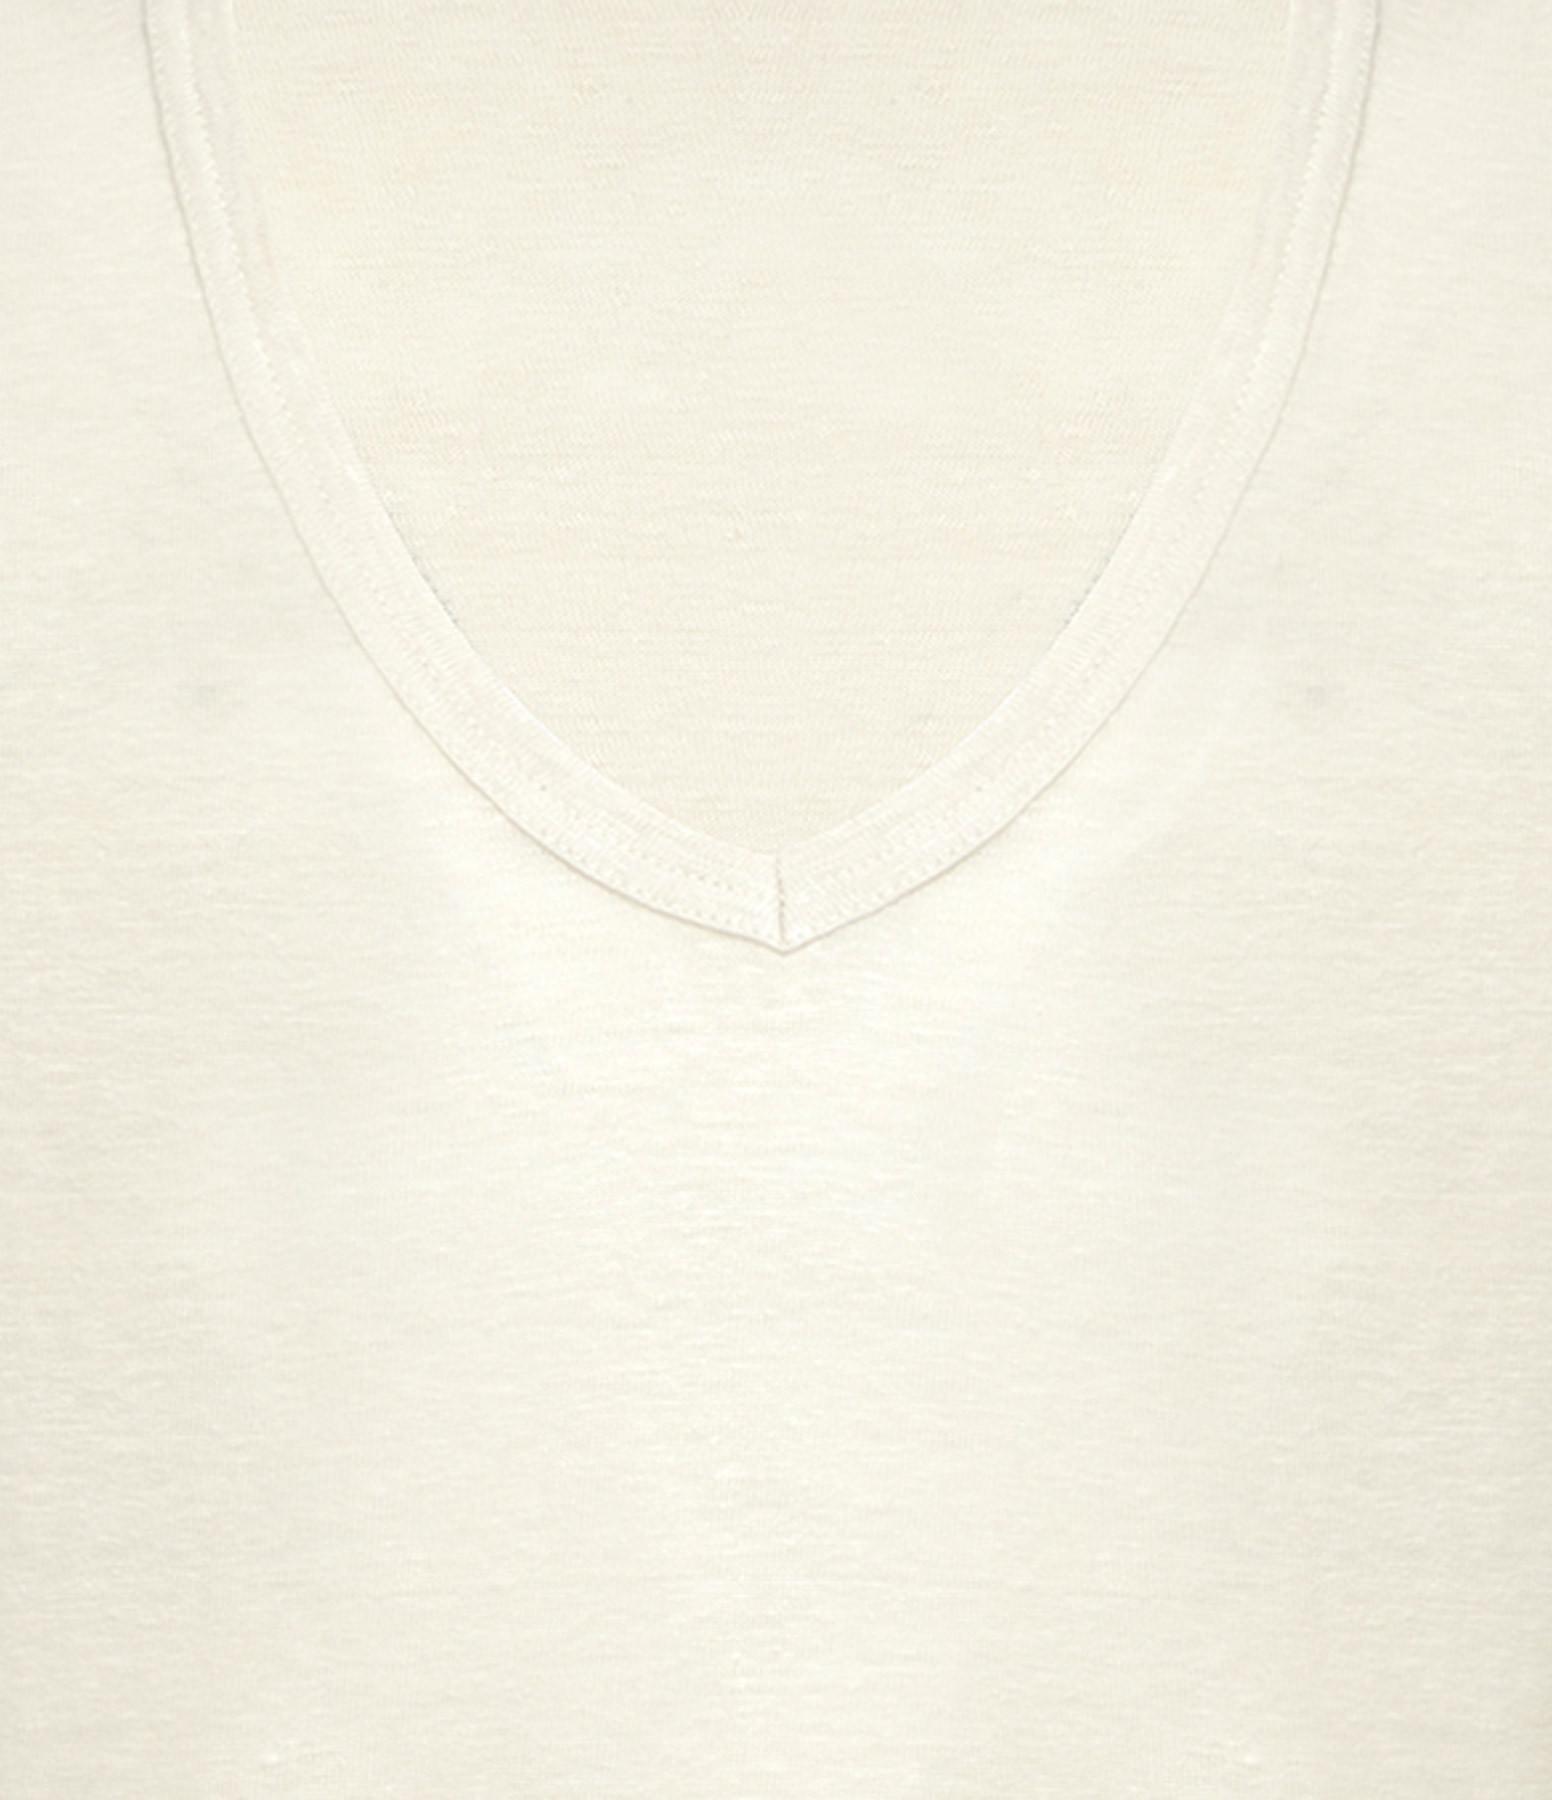 ISABEL MARANT ÉTOILE - Tee-shirt Kranger Lin Écru